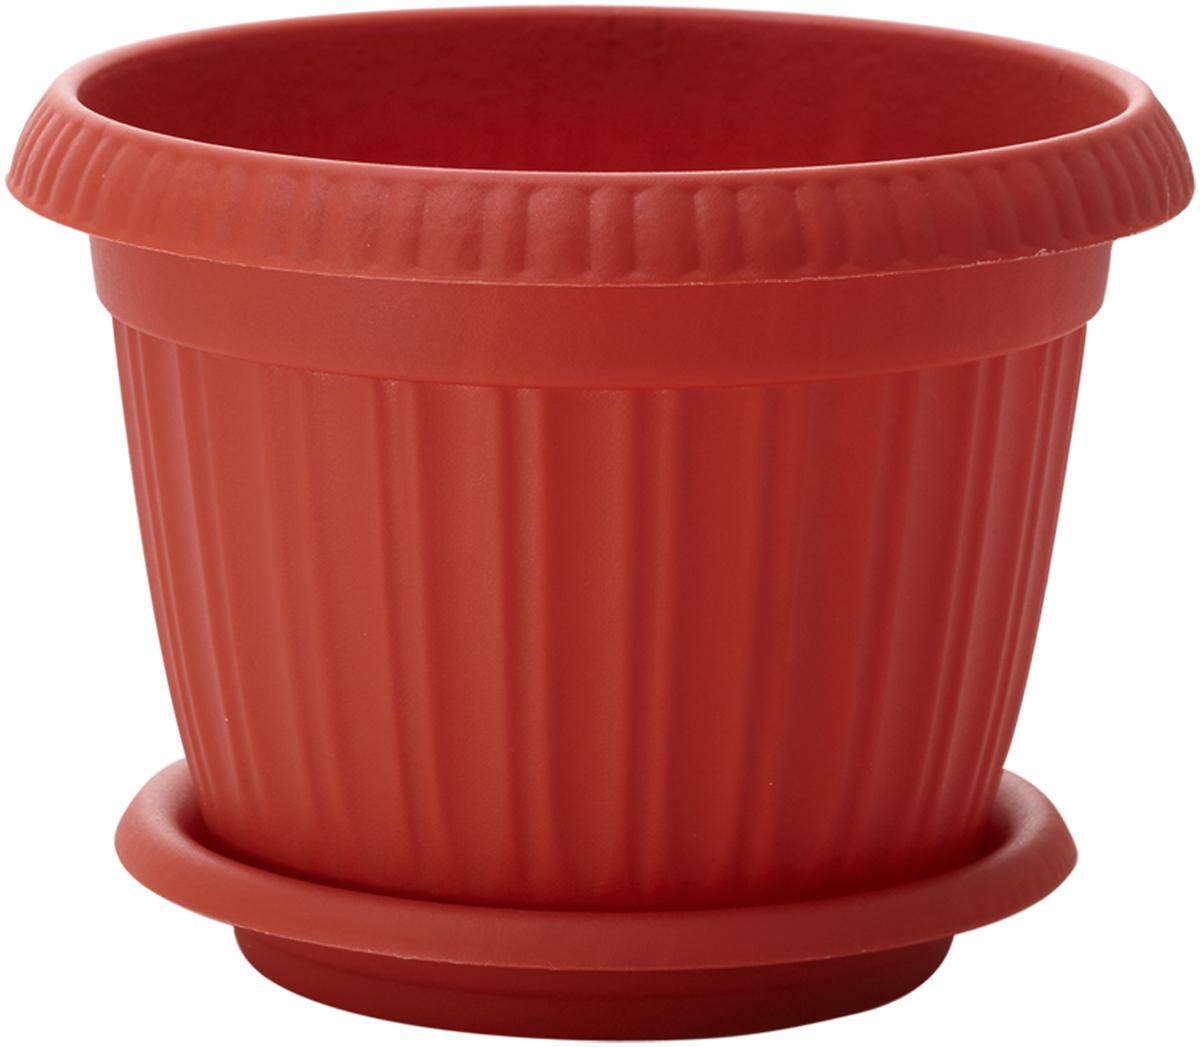 Горшок для цветов InGreen Таити, с подставкой, цвет: терракотовый, диаметр 16 смING41016FТРГоршок InGreen Таити выполнен из высококачественного полипропилена (пластика) и предназначен для выращивания цветов, растений и трав. Снабжен подставкой для стока воды. Такой горшок порадует вас функциональностью, а благодаря лаконичному дизайну впишется в любой интерьер помещения. Диаметр горшка (по верхнему краю): 16 см. Высота горшка: 12,4 см.